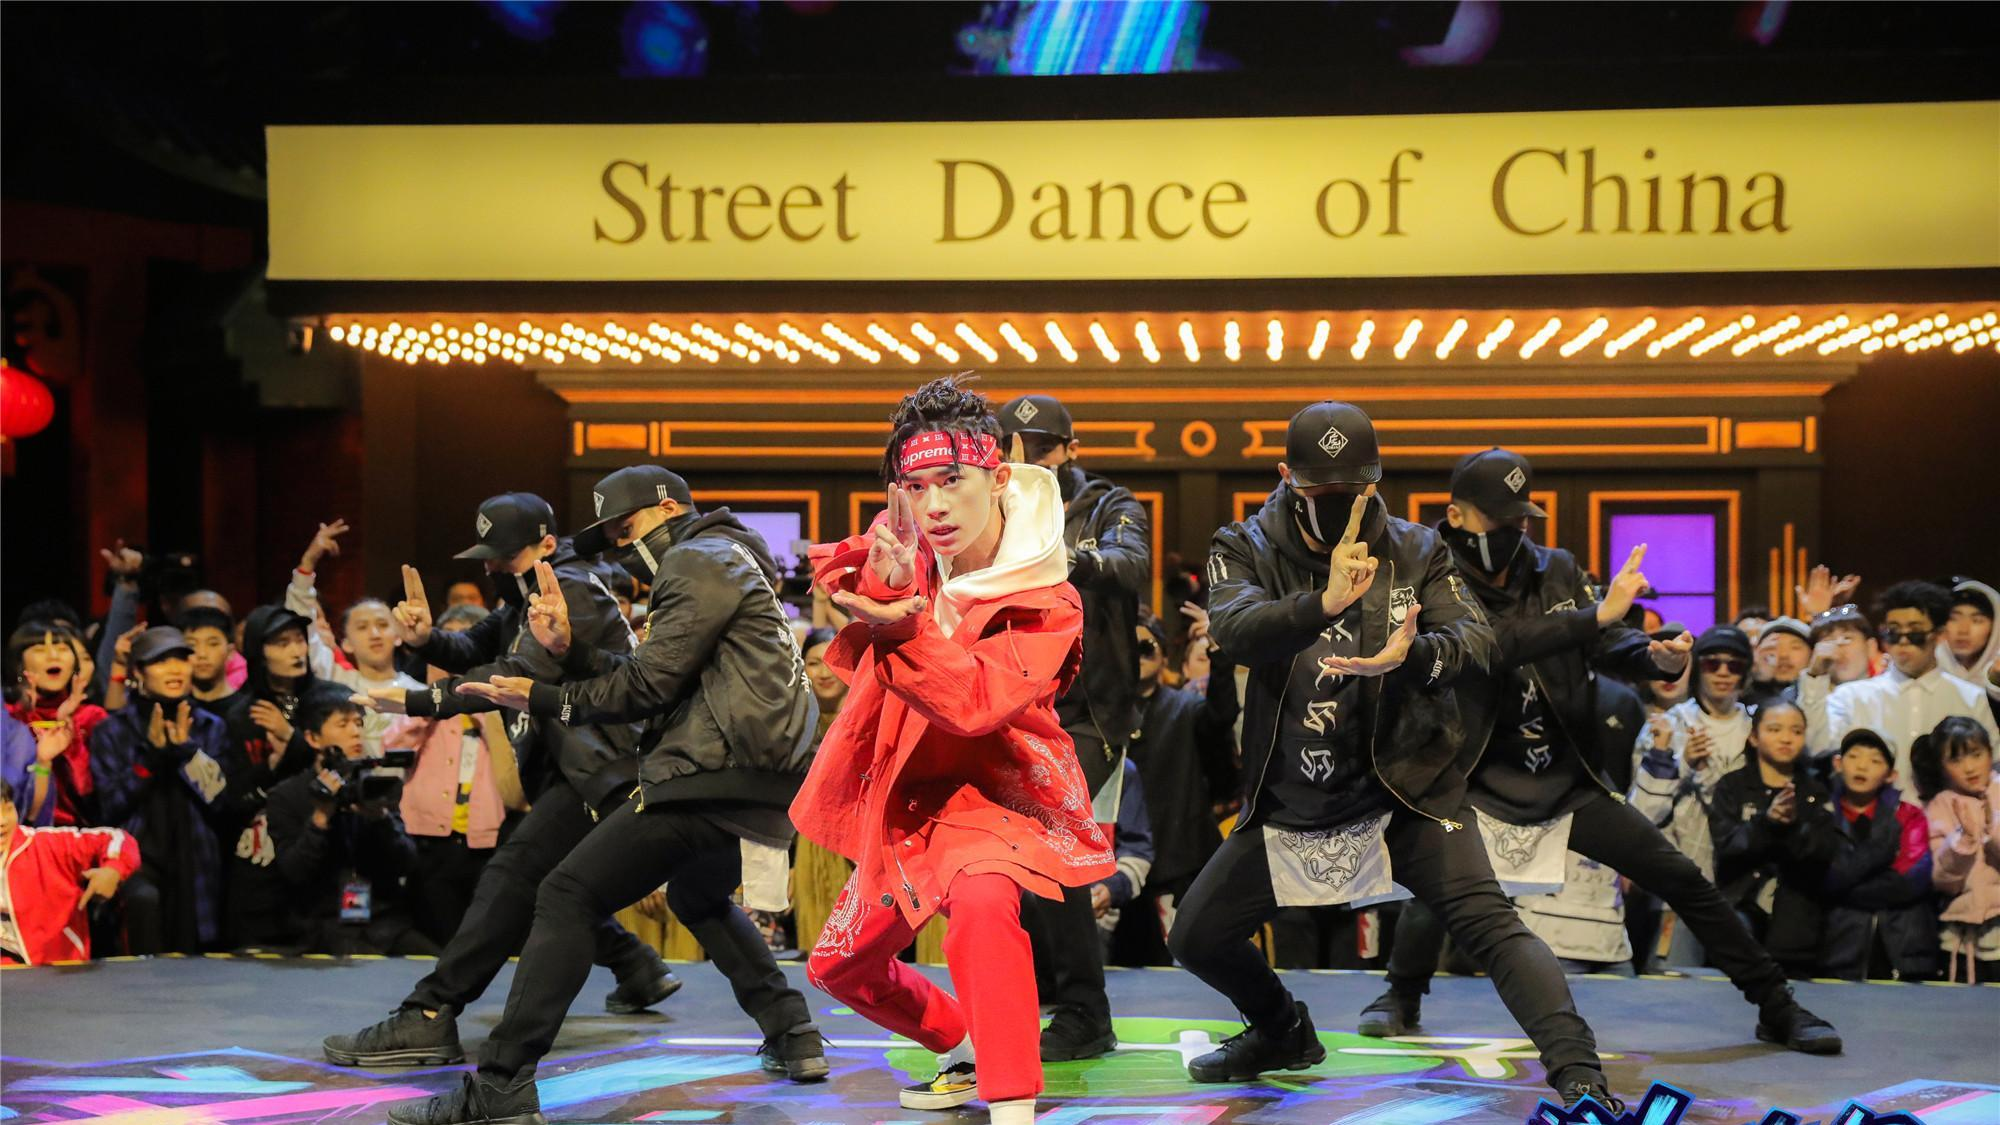 韩庚的解析太妙了  这就是街舞2  为何大神都爱到易烊千玺街道